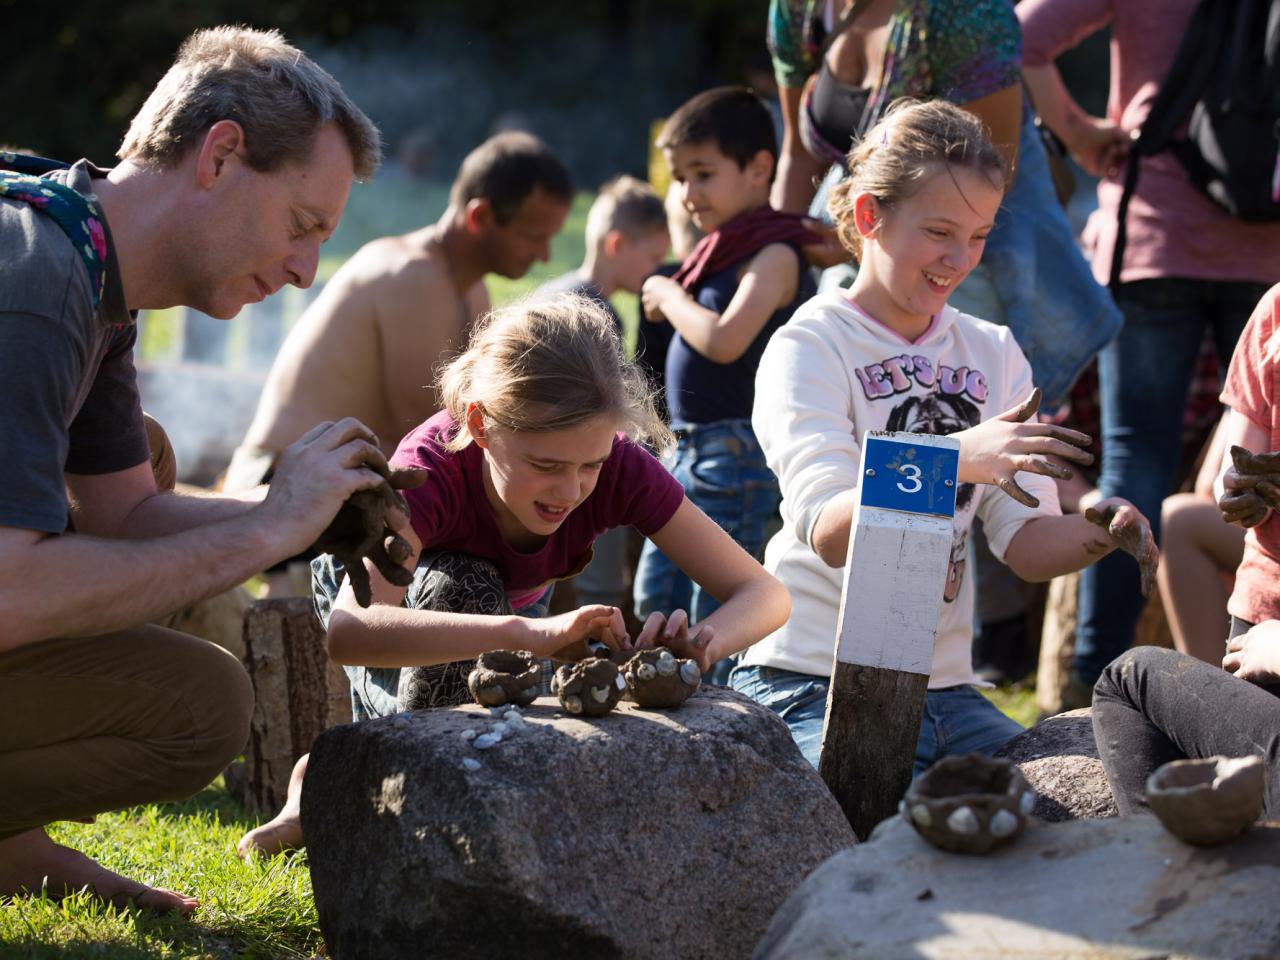 Kinderen actief met klei aan het werk om archeologische vondsten na te maken